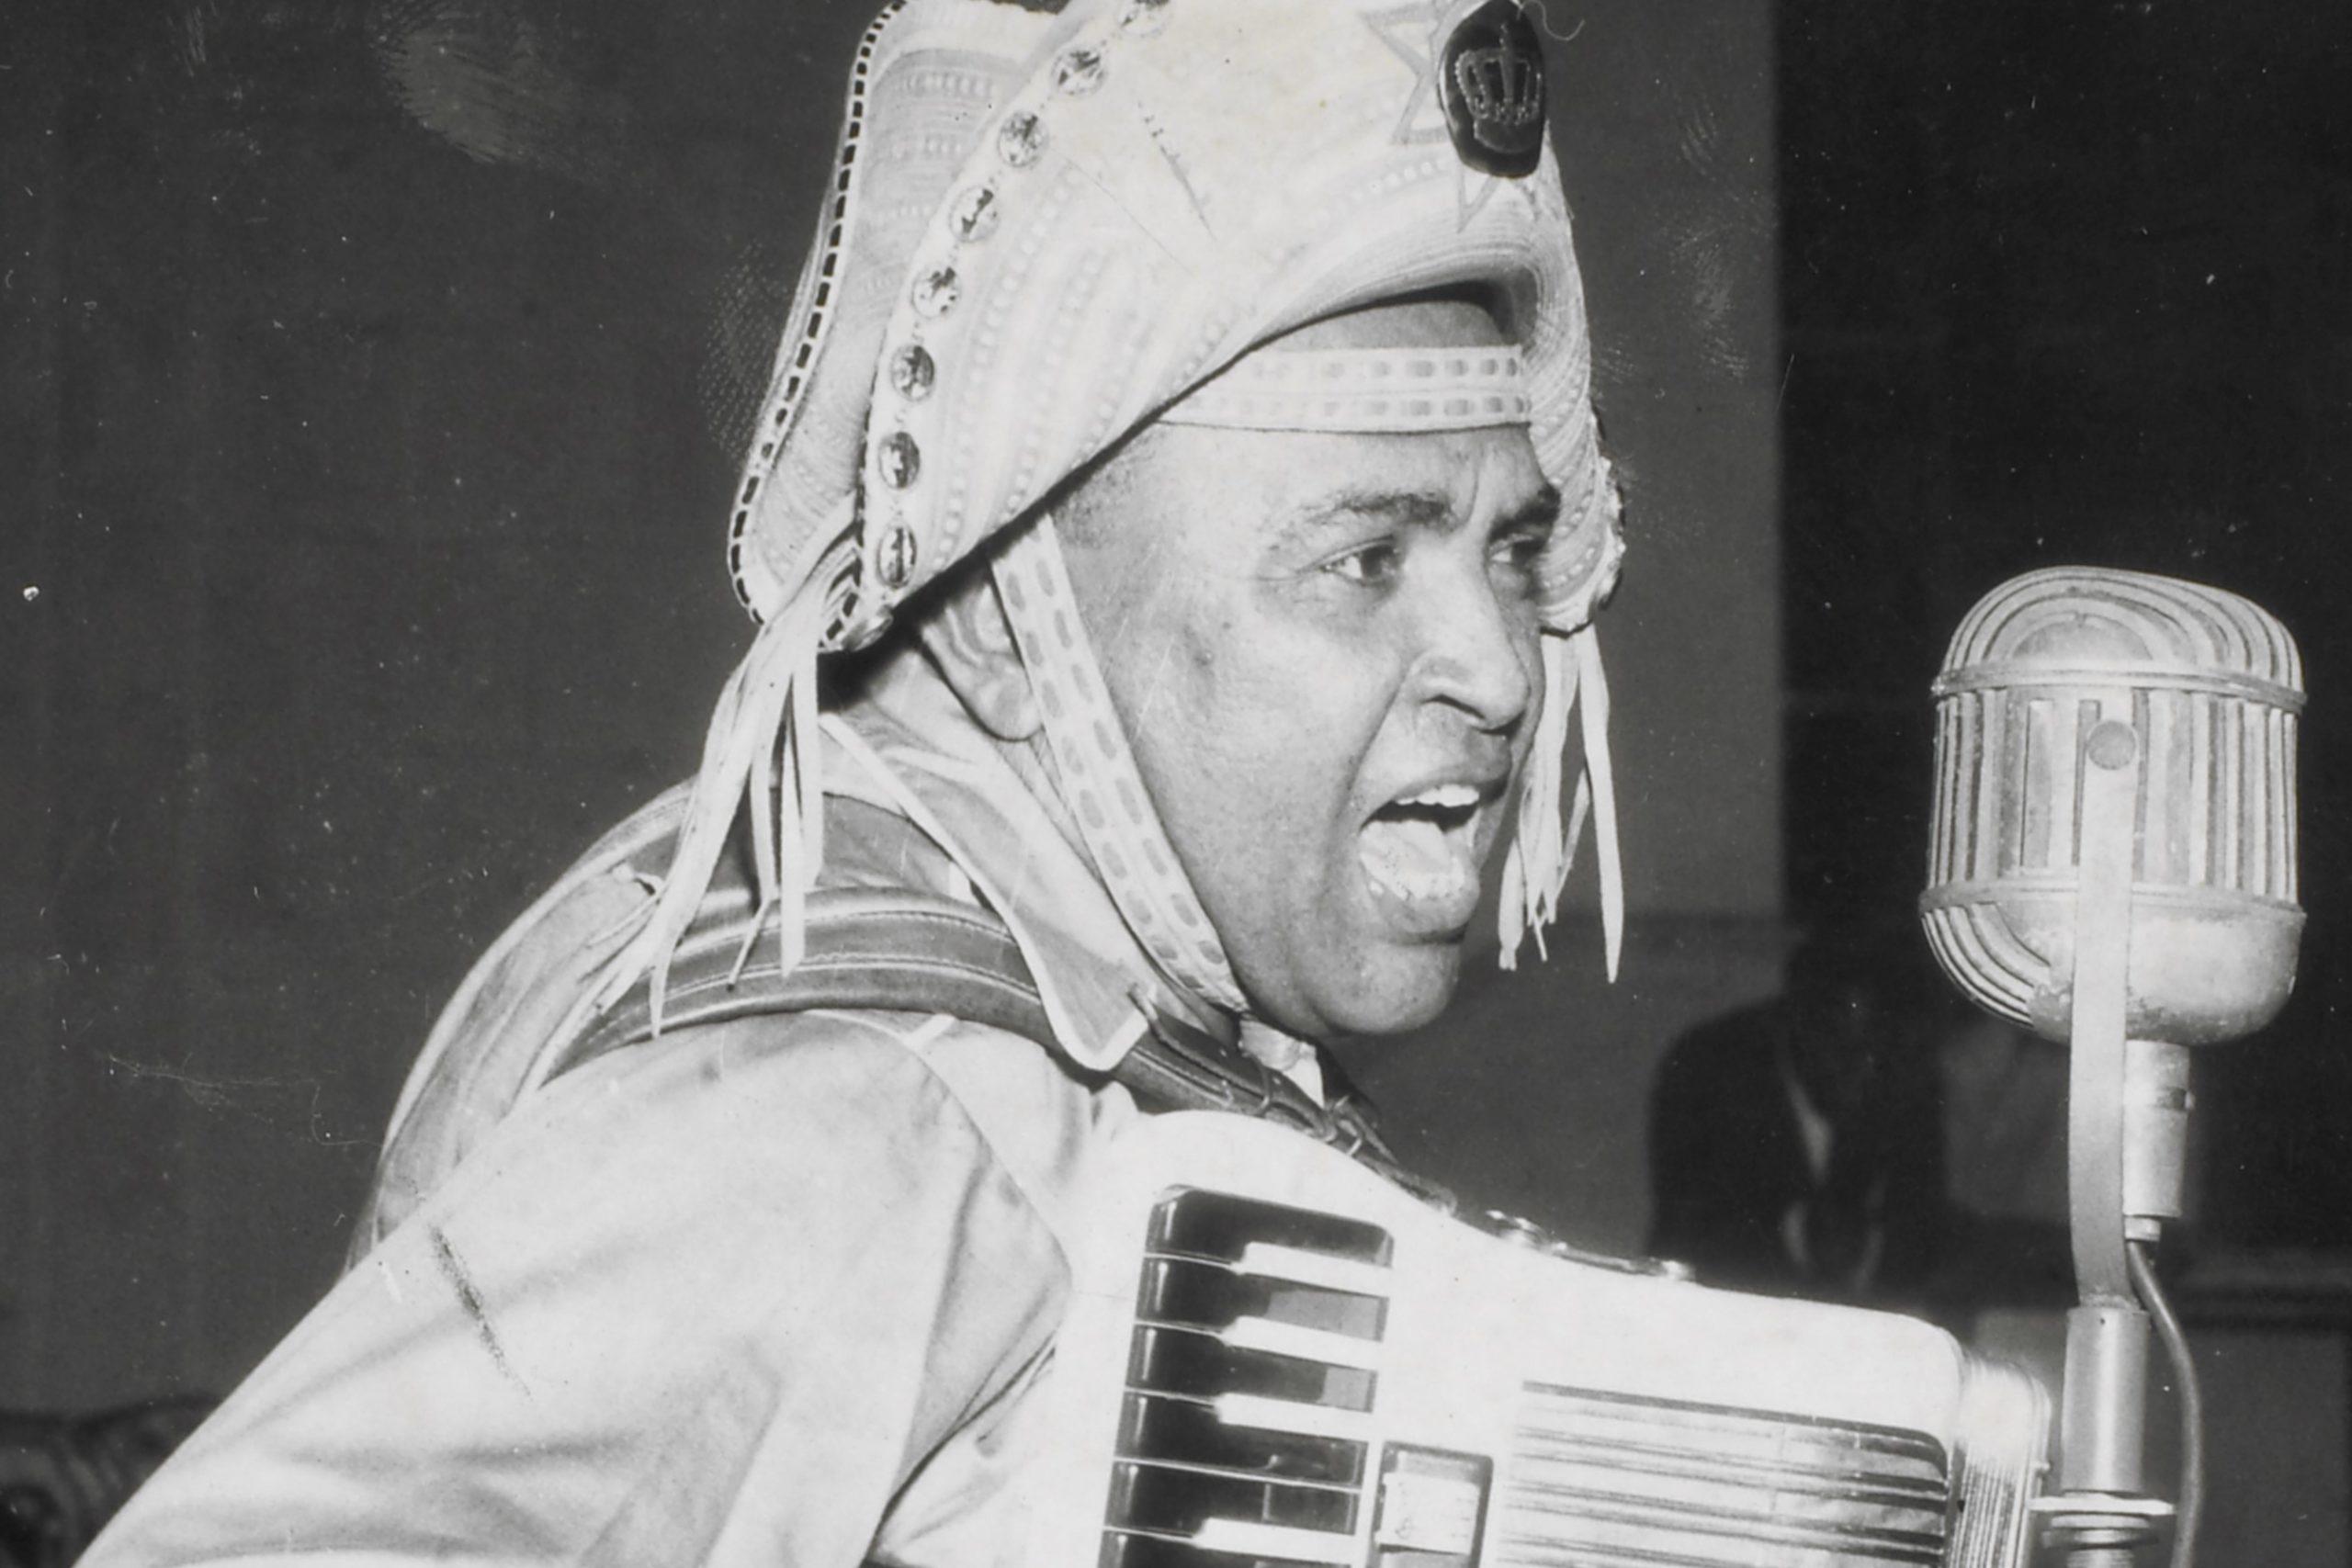 Brazilian accordion legend: Luiz Gonzaga (1912-1989) | akkordeon.online